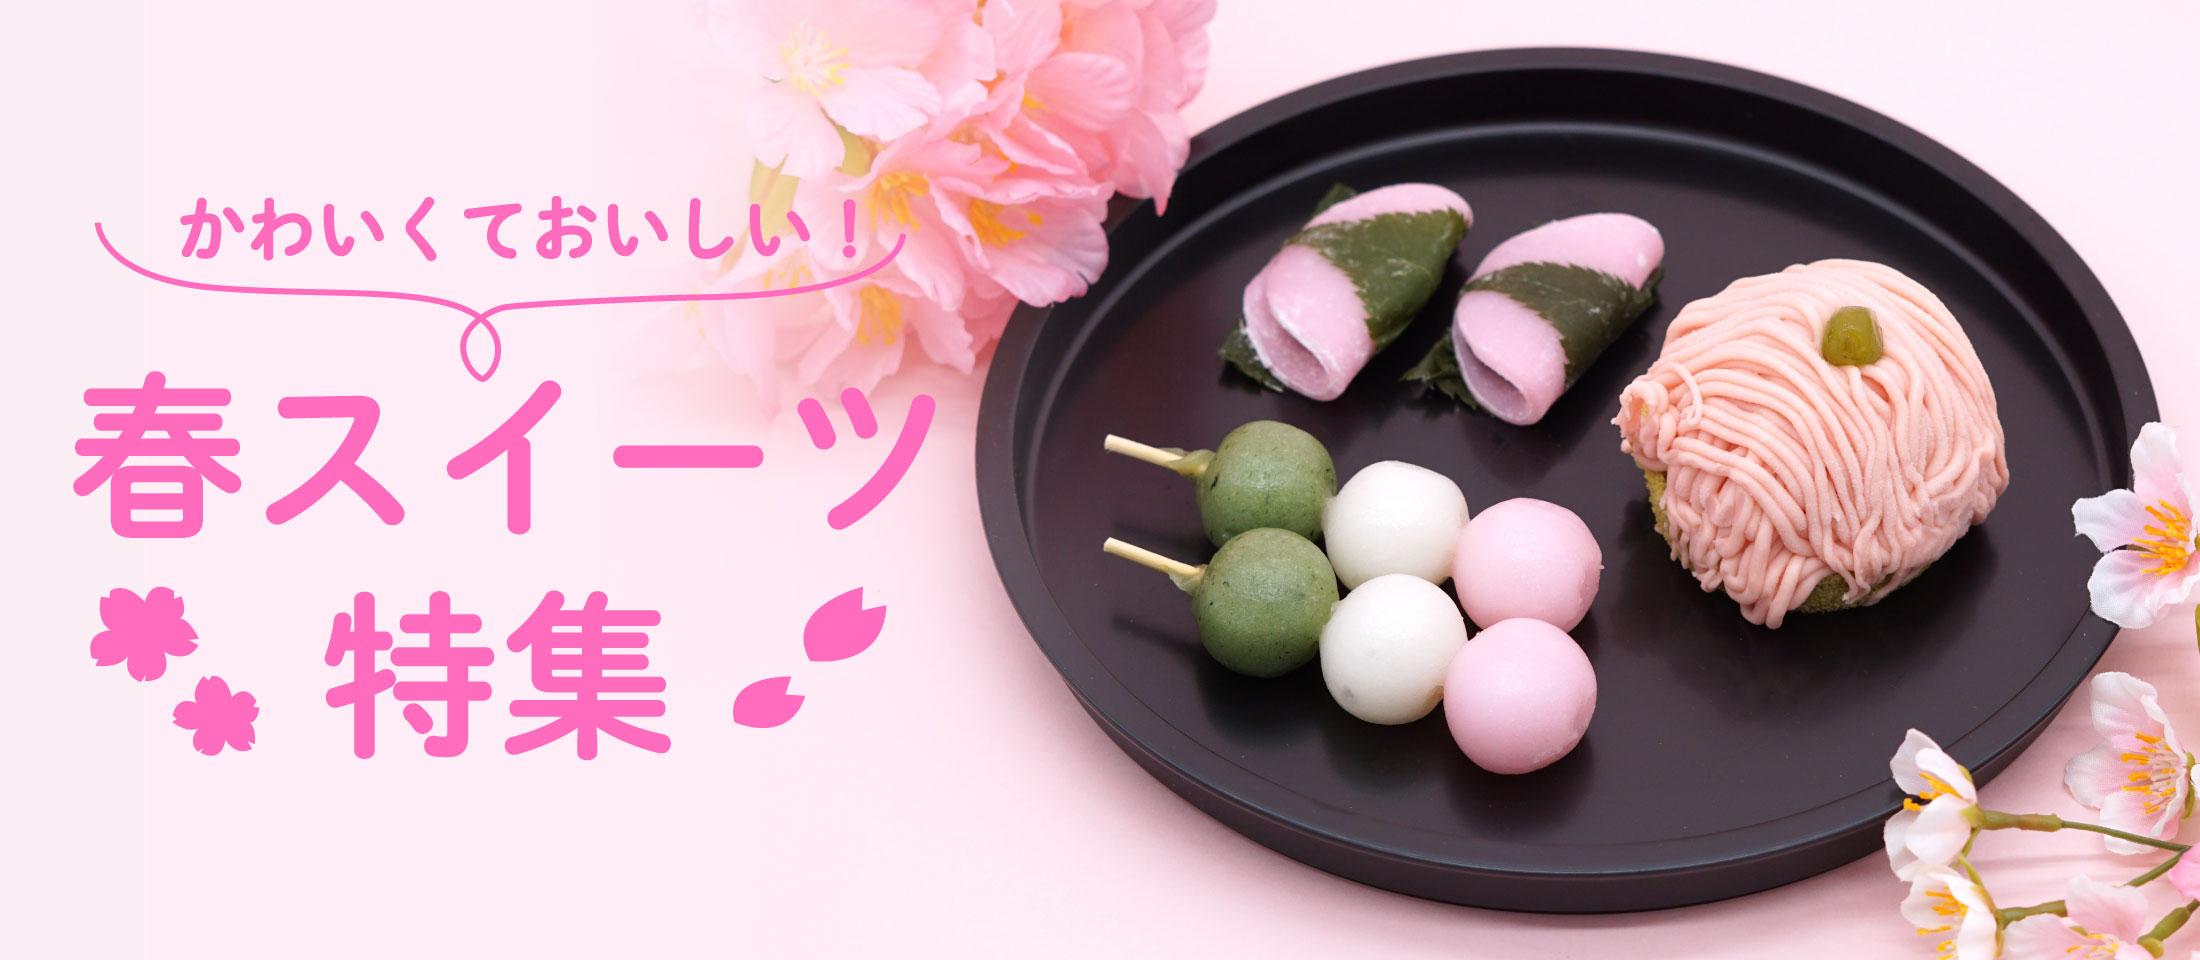 春のスイーツ特集 業務用食品・冷凍食品通販 ナカヤマフーズオンライン